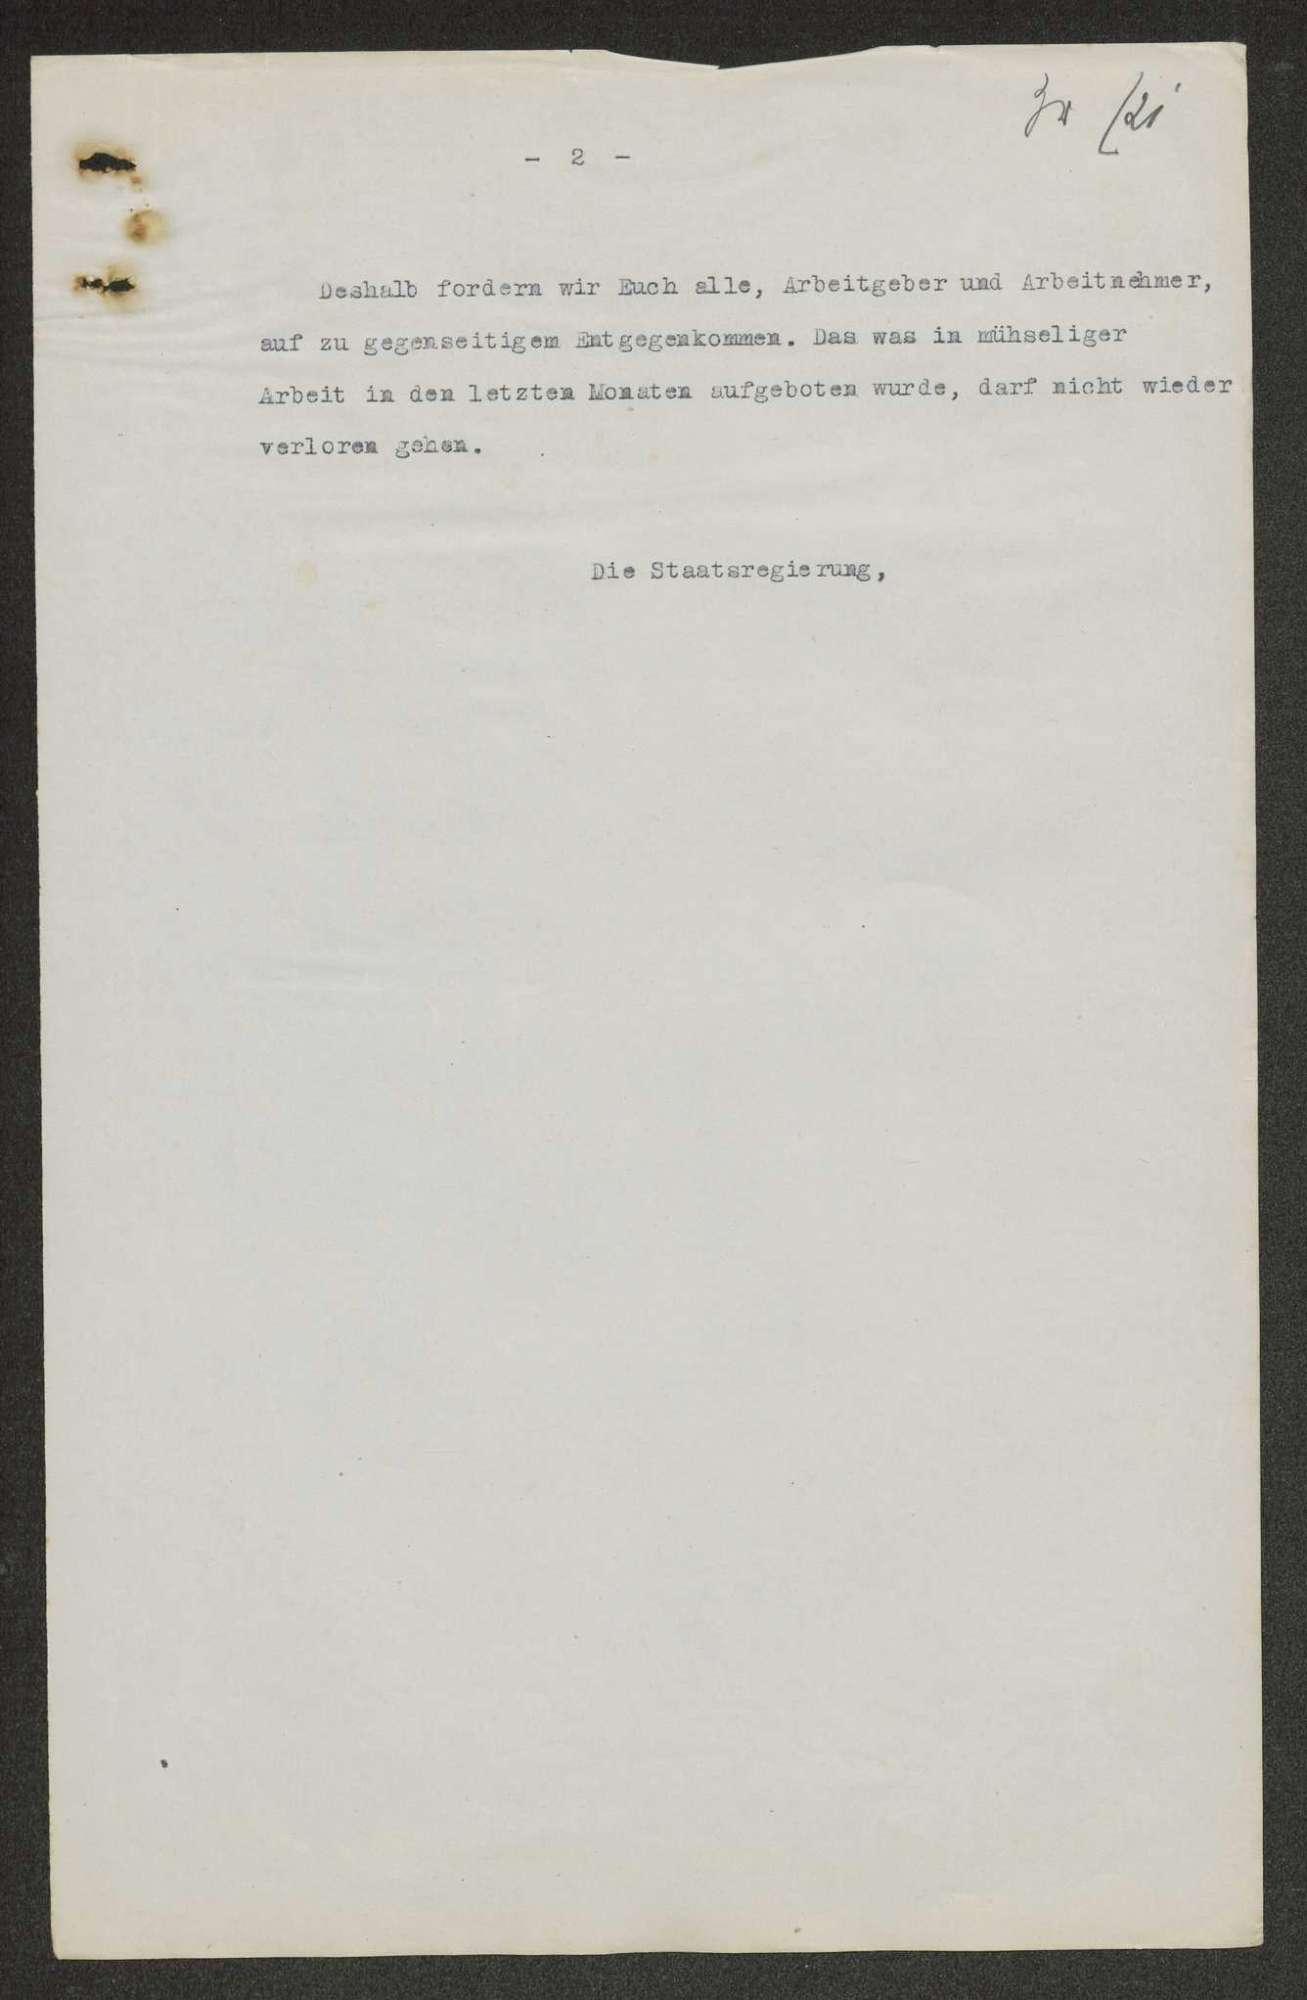 Aufrufe, Anordnungen, Verordnungen, Erlasse usw. der Provisorischen Regierung, die im Zusammenhang mit der Staatsumwälzung vom 09.11.1918 ergangen sind, Bild 3